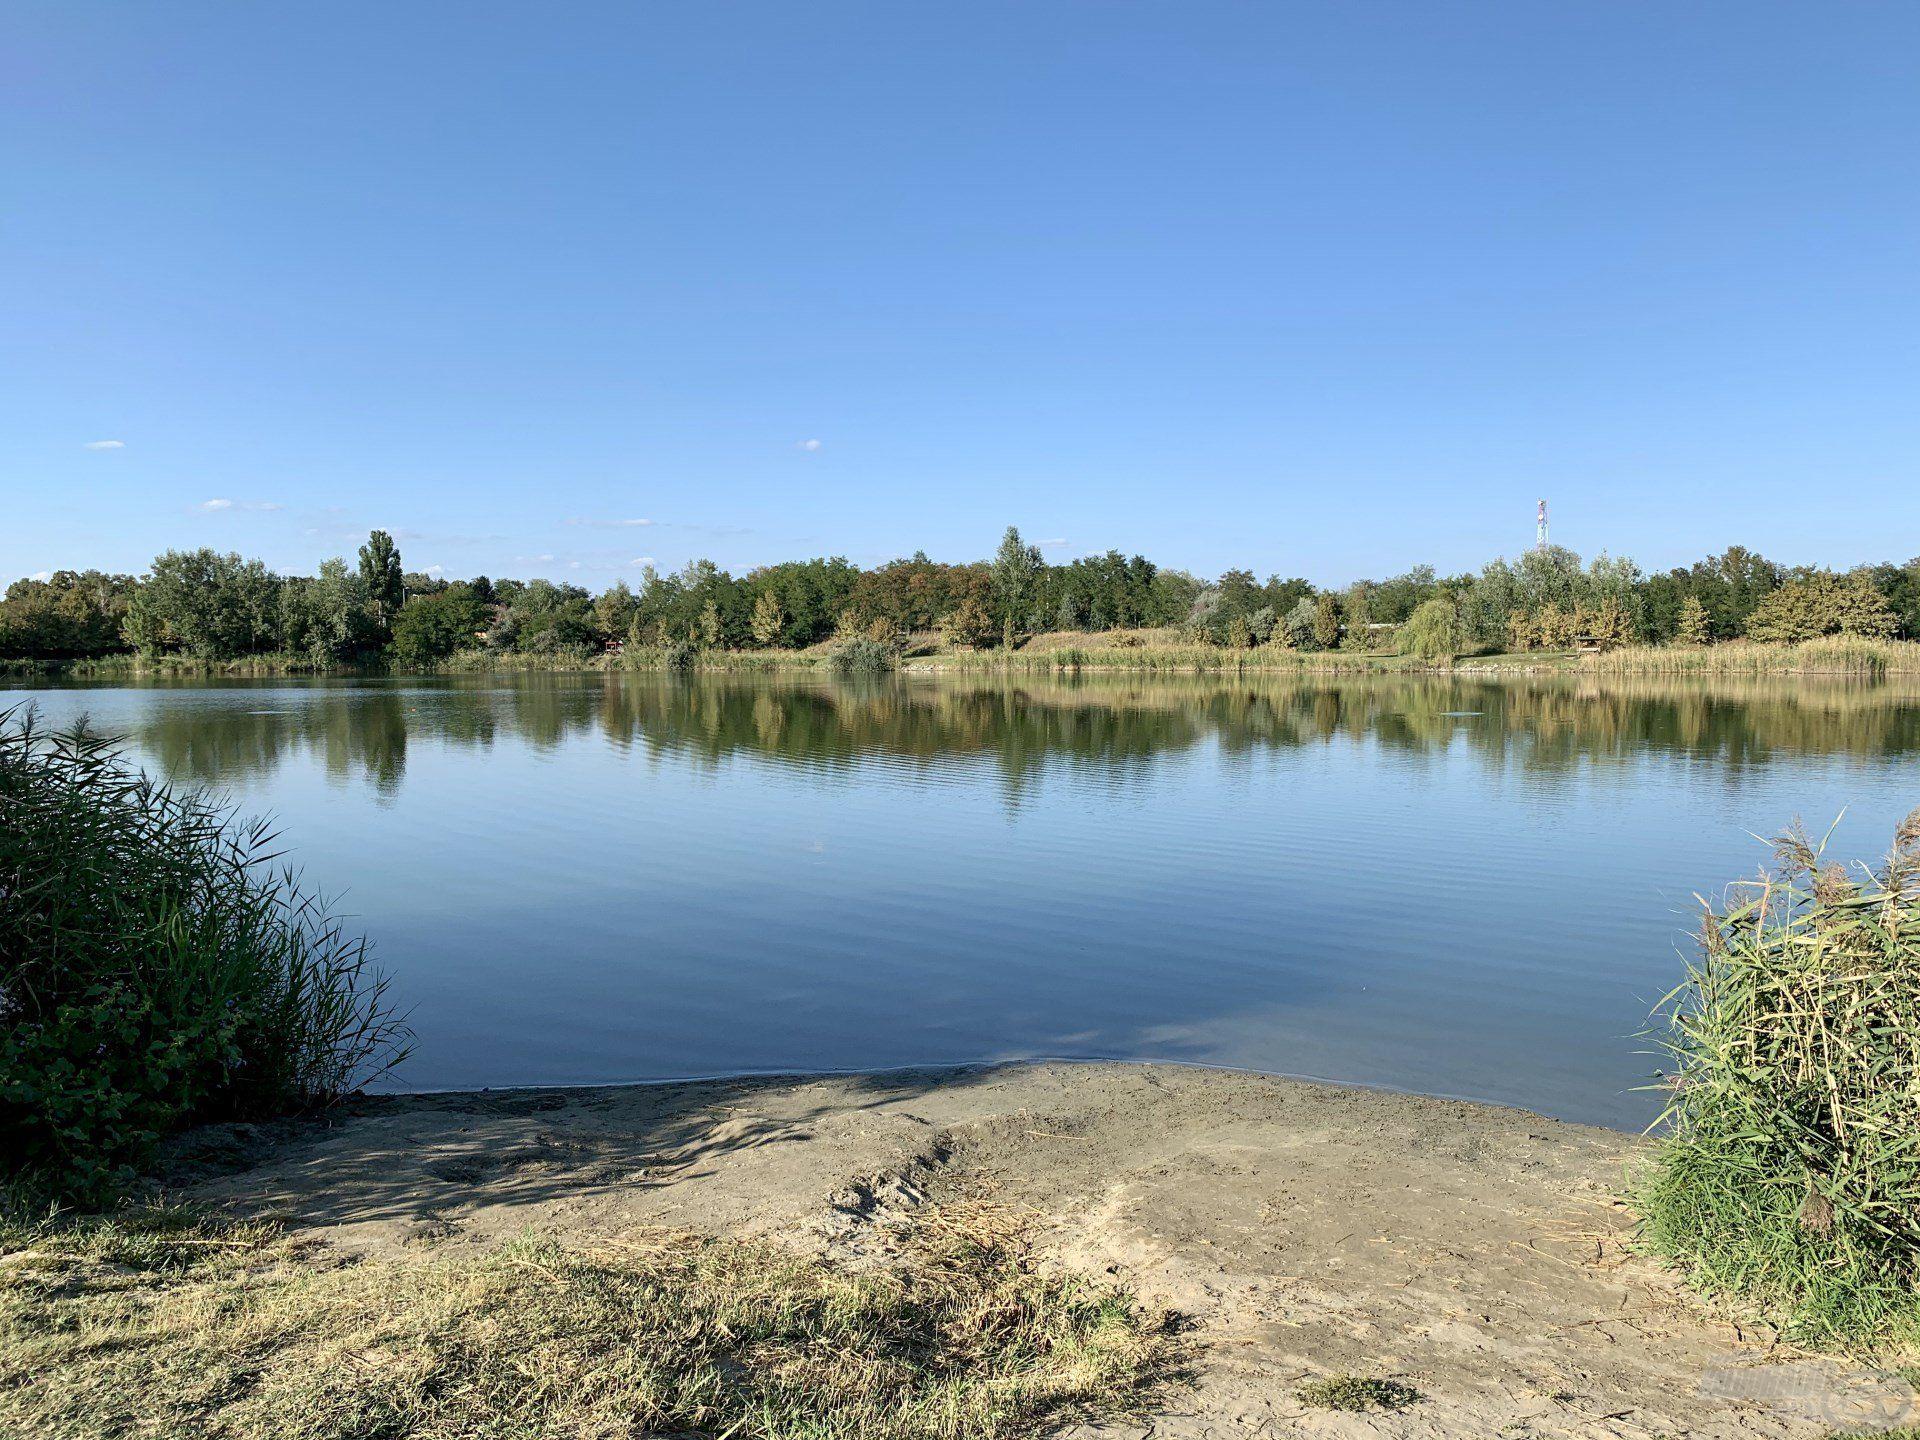 Gyönyörű ez a tó, mindig nagy élmény itt horgászni